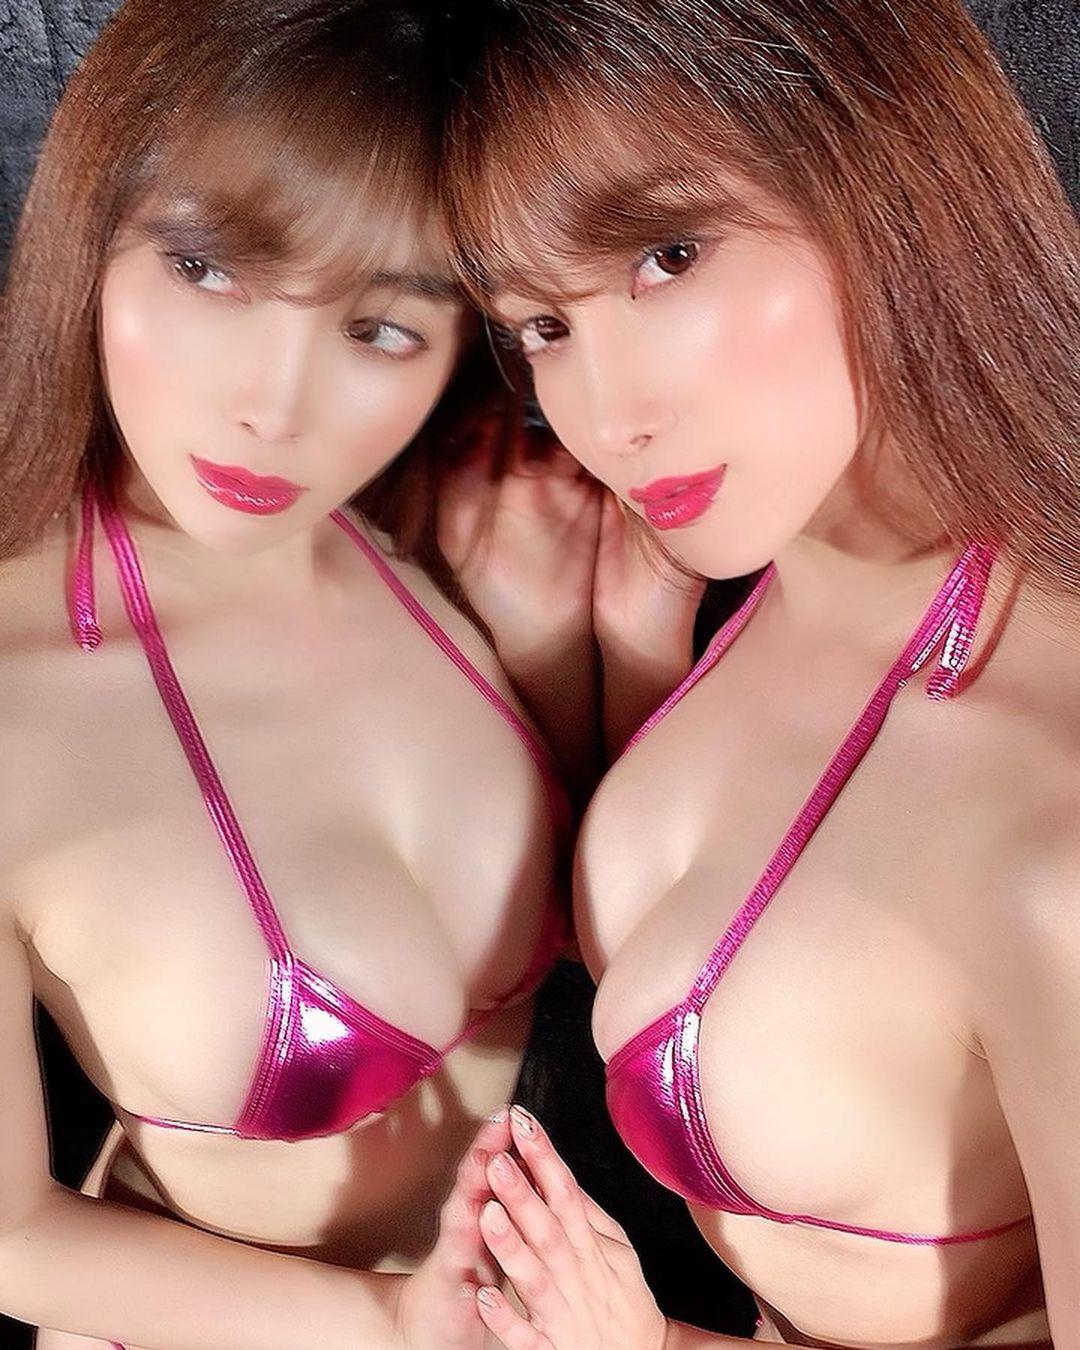 「2人のセクシー美人」「色っぽい」鏡越しビキニショットでファンを魅了【森咲智美さん/2021年5月19日】